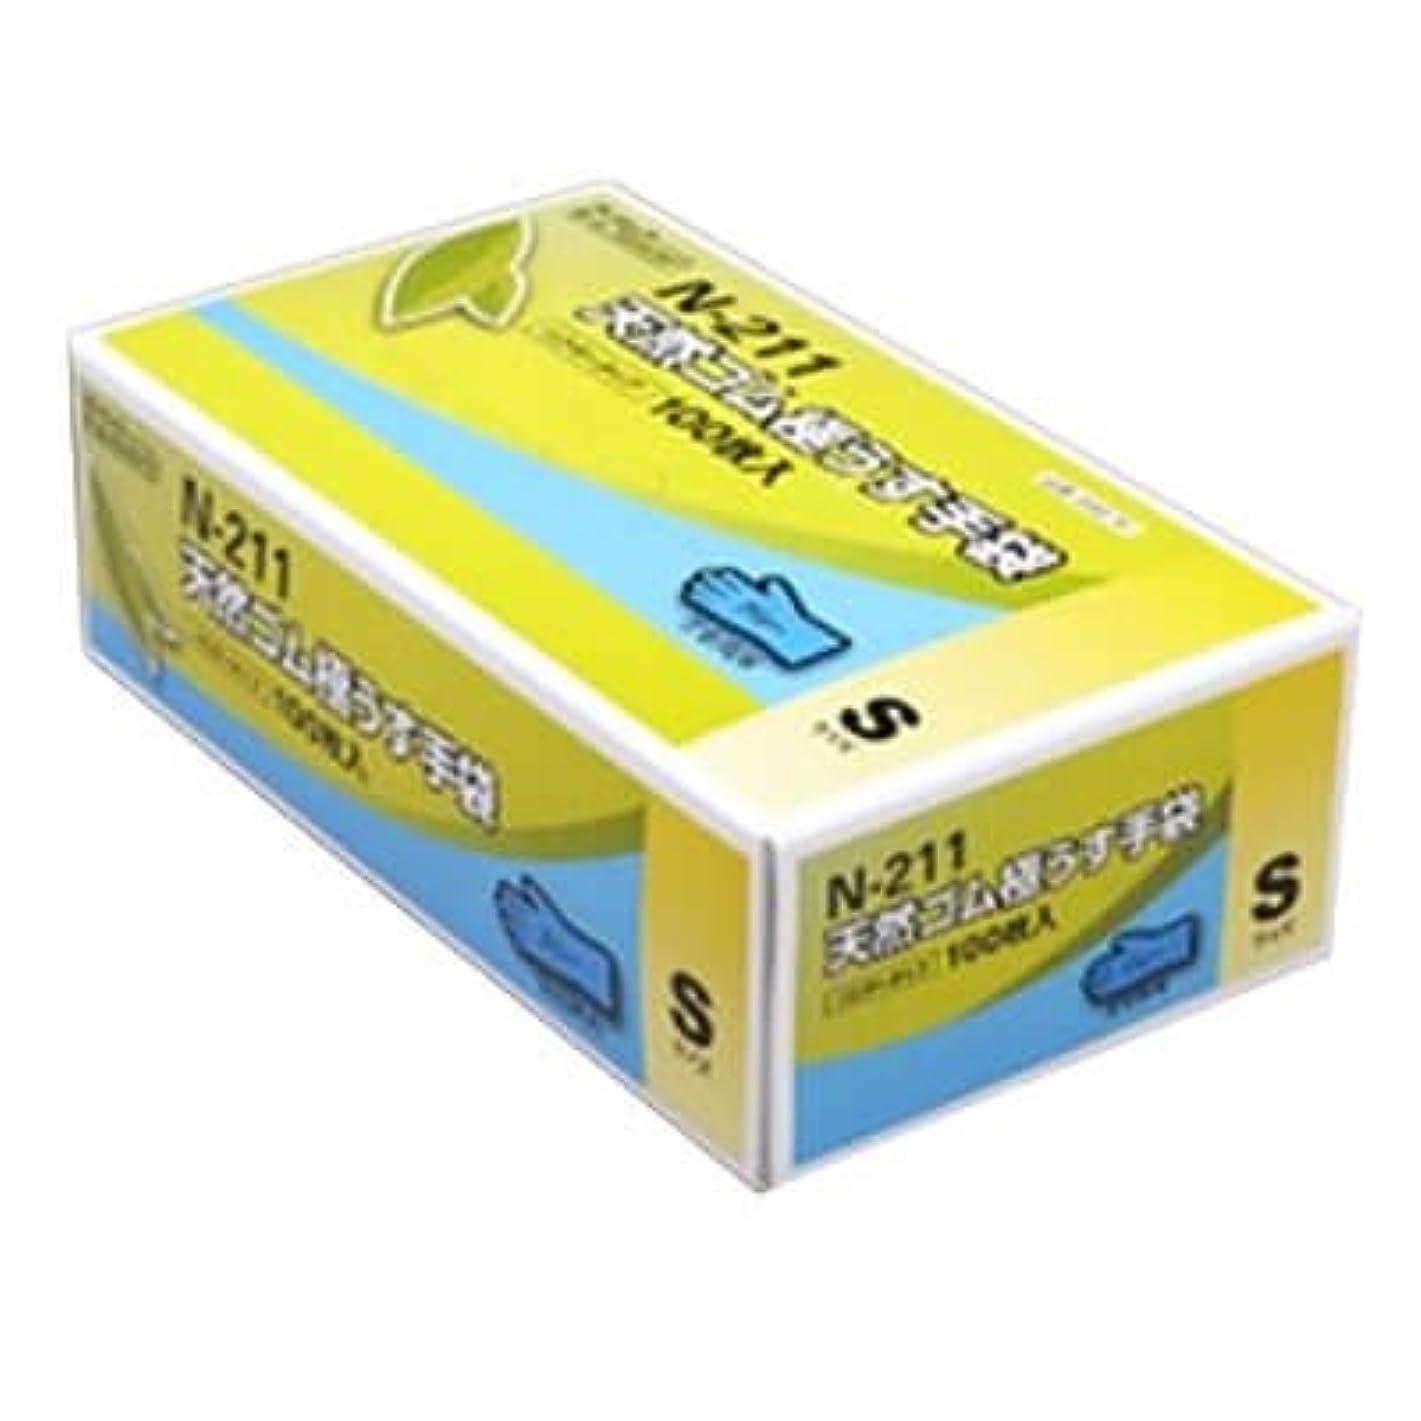 苦悩入る変装した【ケース販売】 ダンロップ 天然ゴム極うす手袋 N-211 S ブルー (100枚入×20箱)